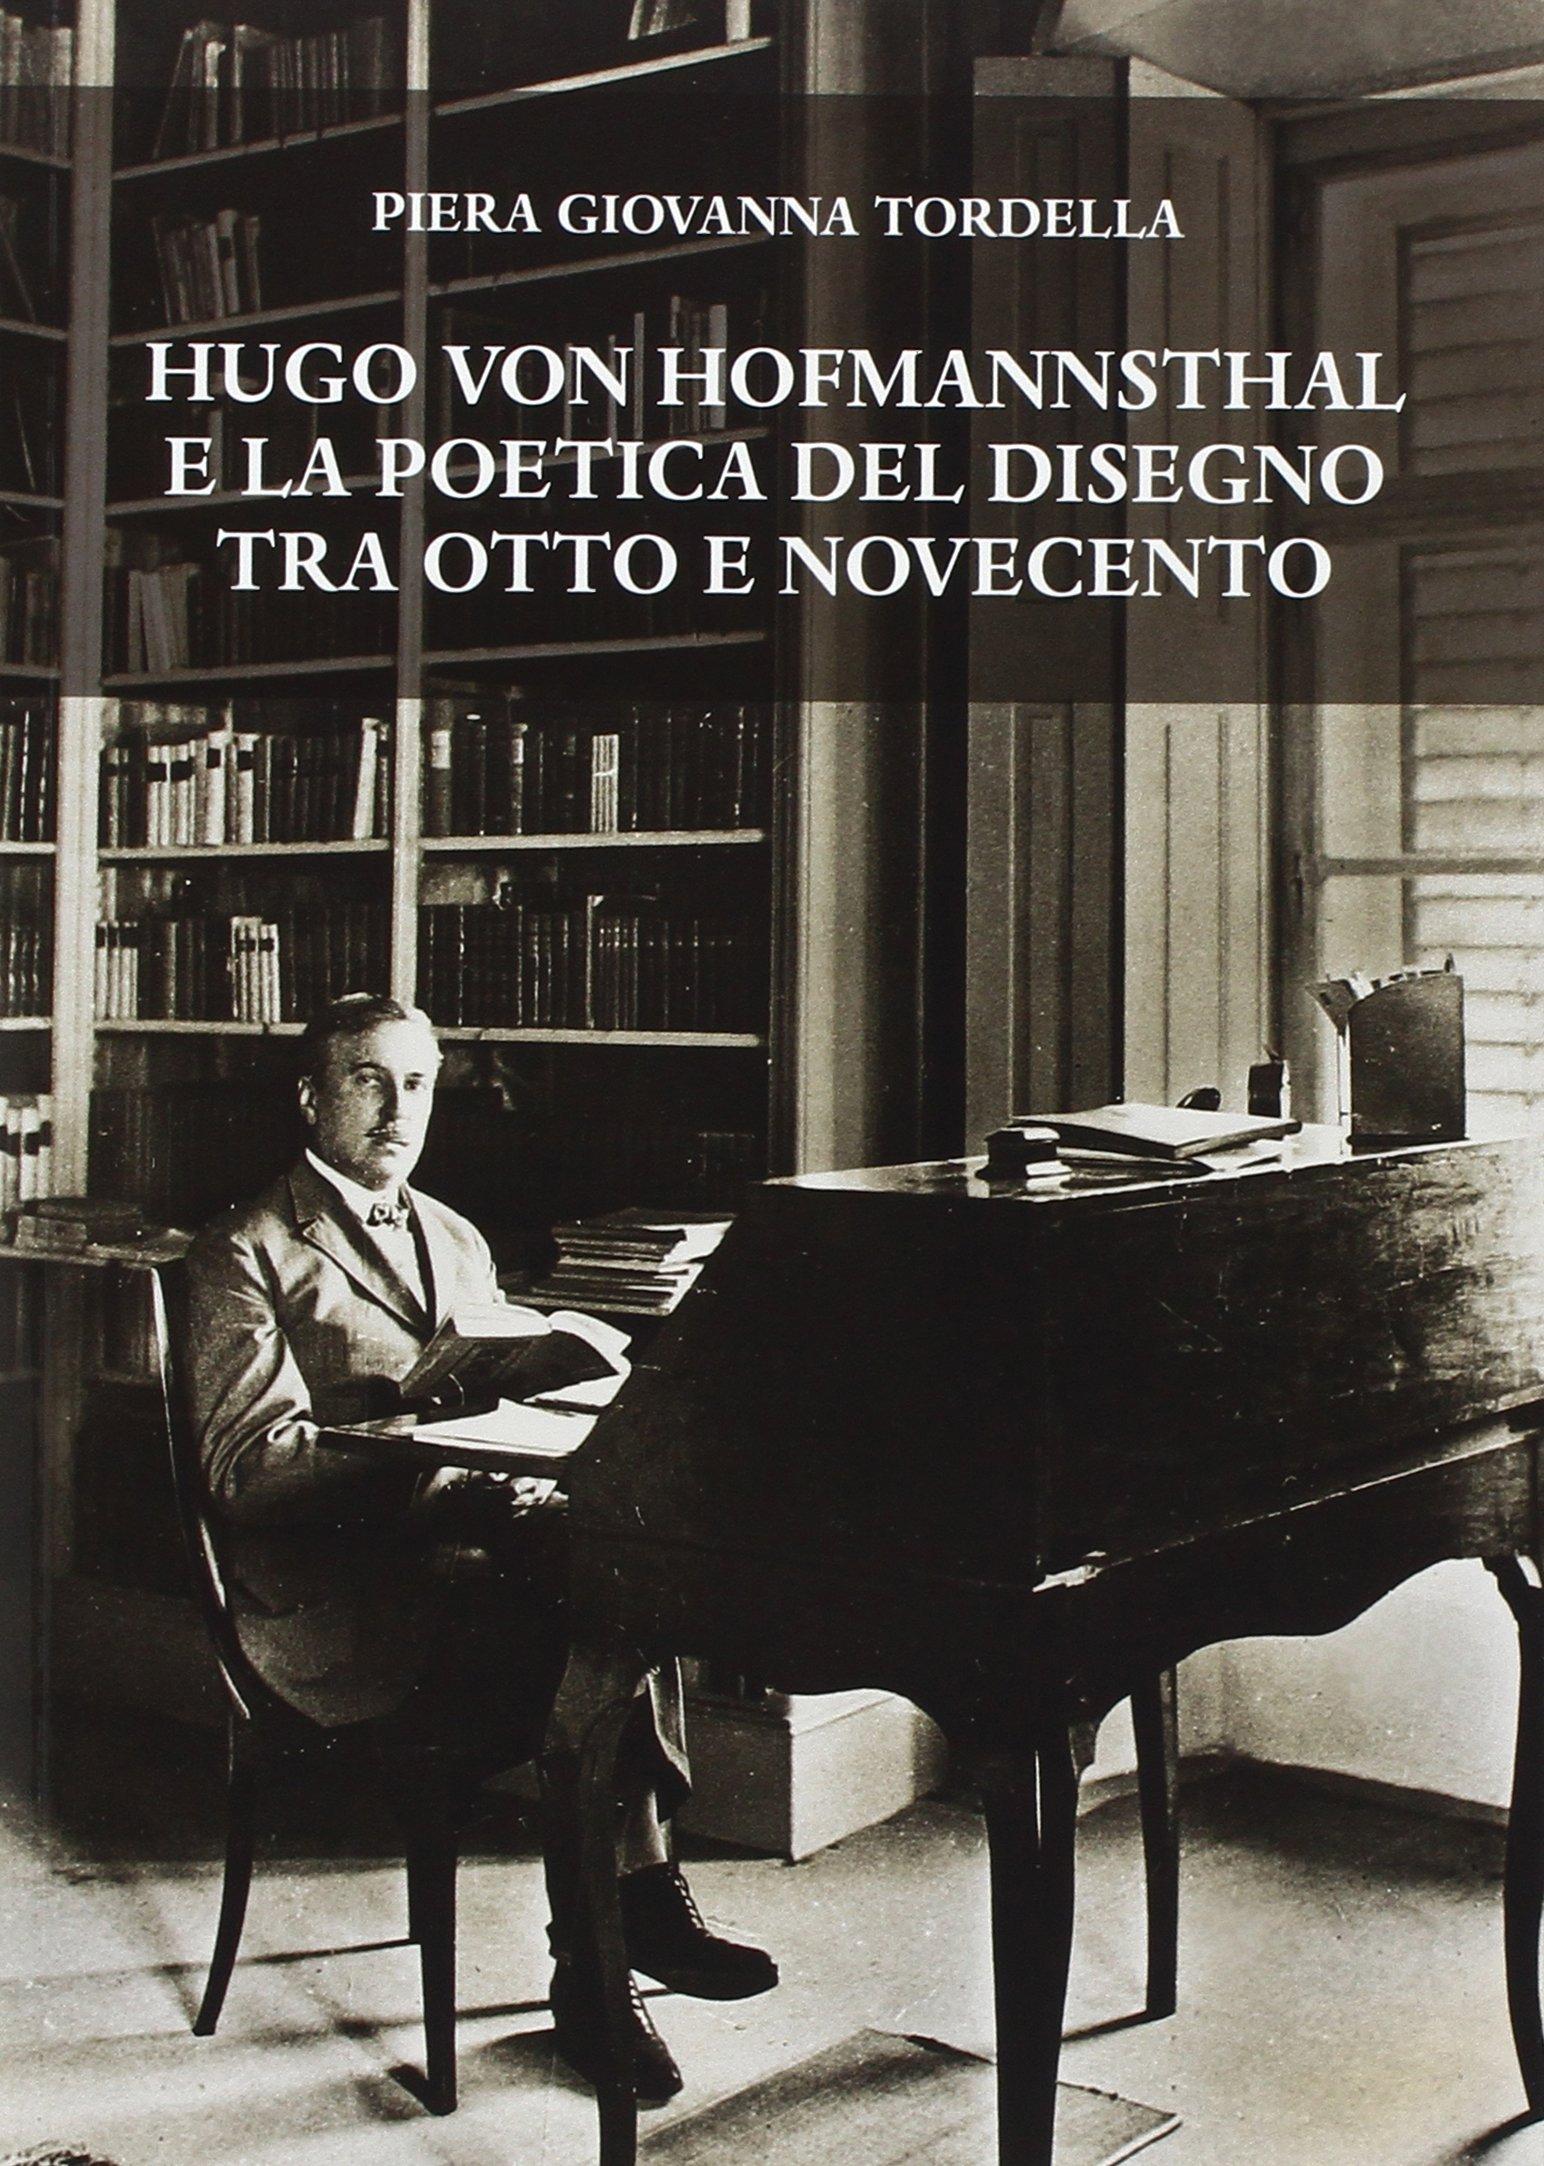 Hugo von Hofmannsthal e la poetica del disegno tra Otto e Novecento.